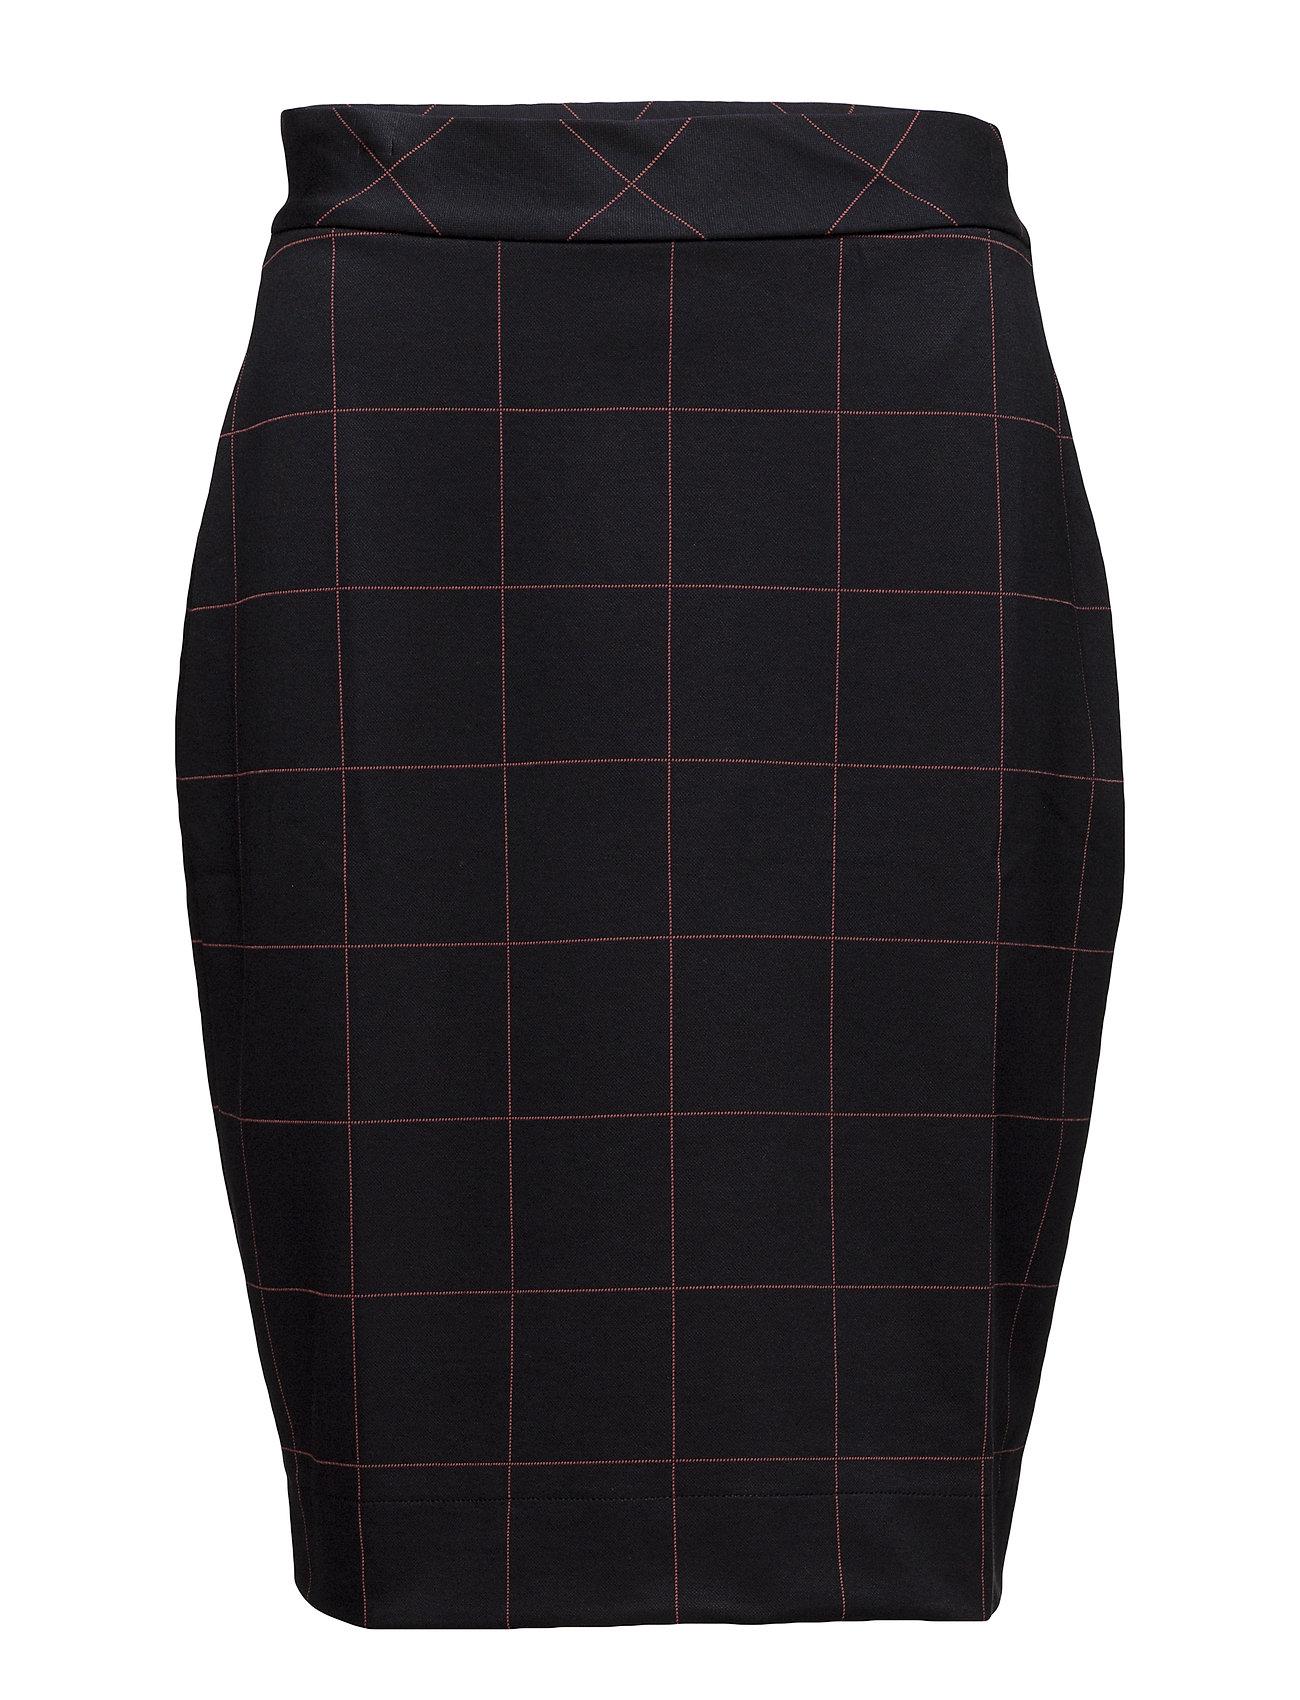 Skirt Knitwear - Gerry Weber Edition